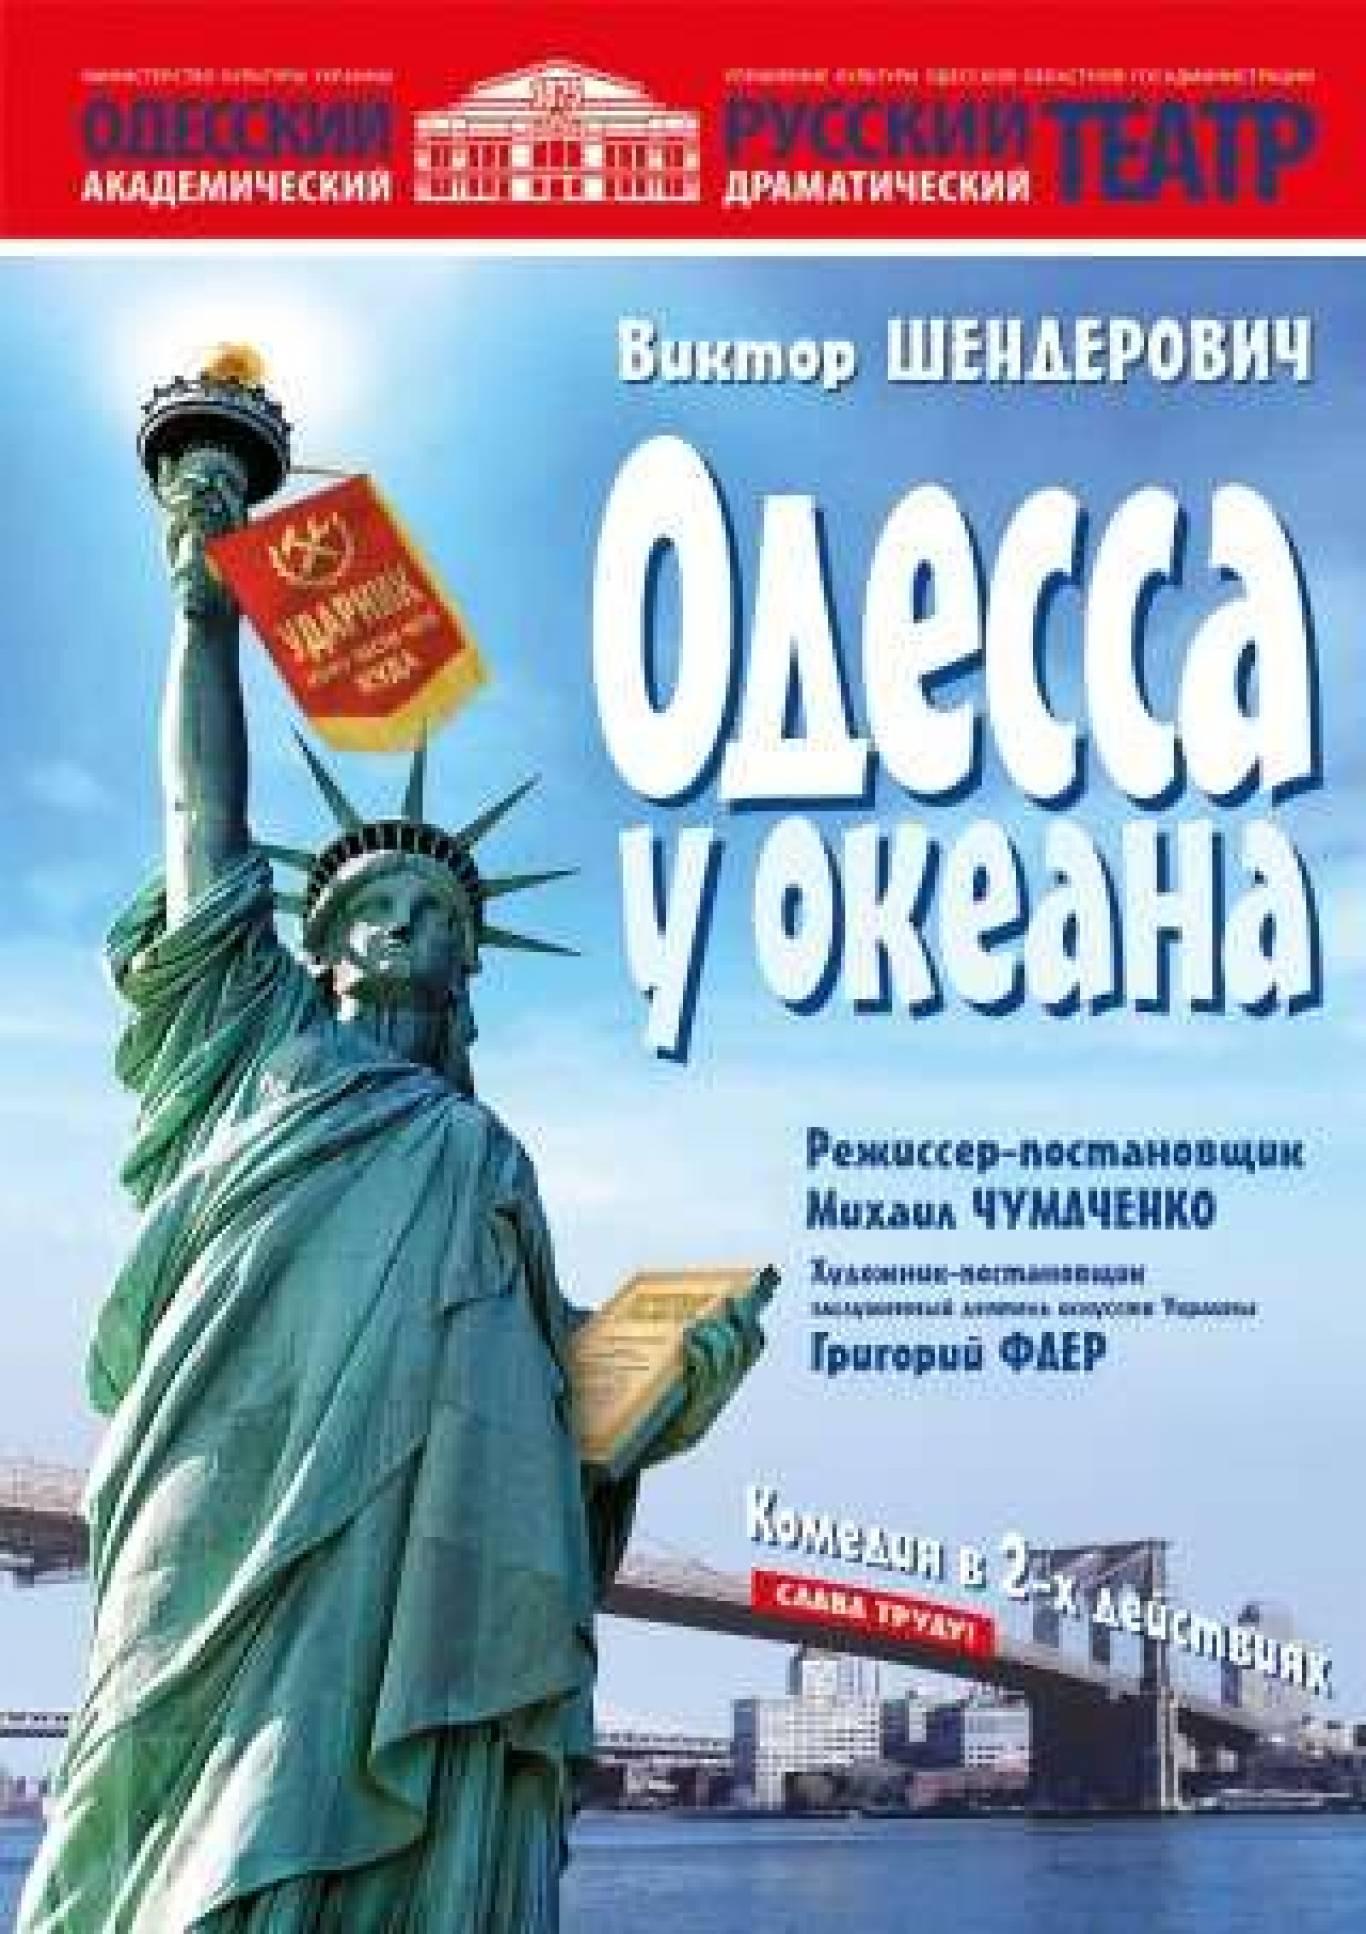 Комедия Одесса  у океана